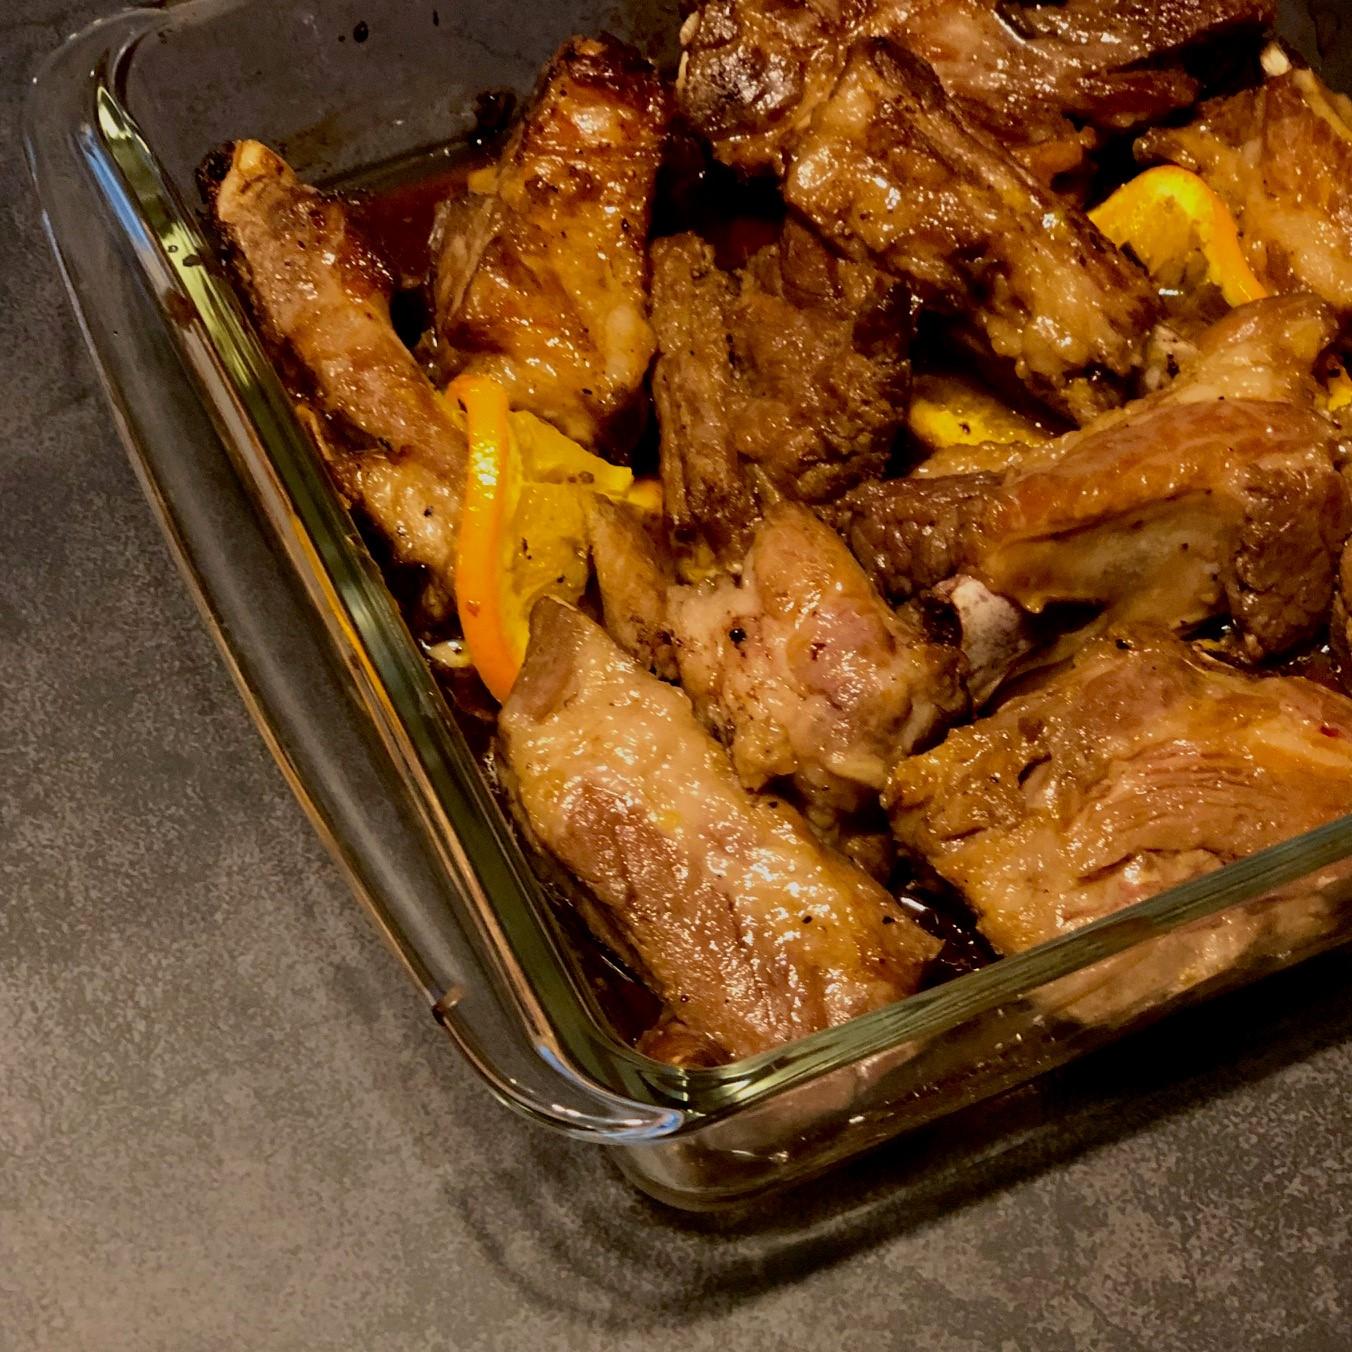 スペアリブのオレンジ風味焼き